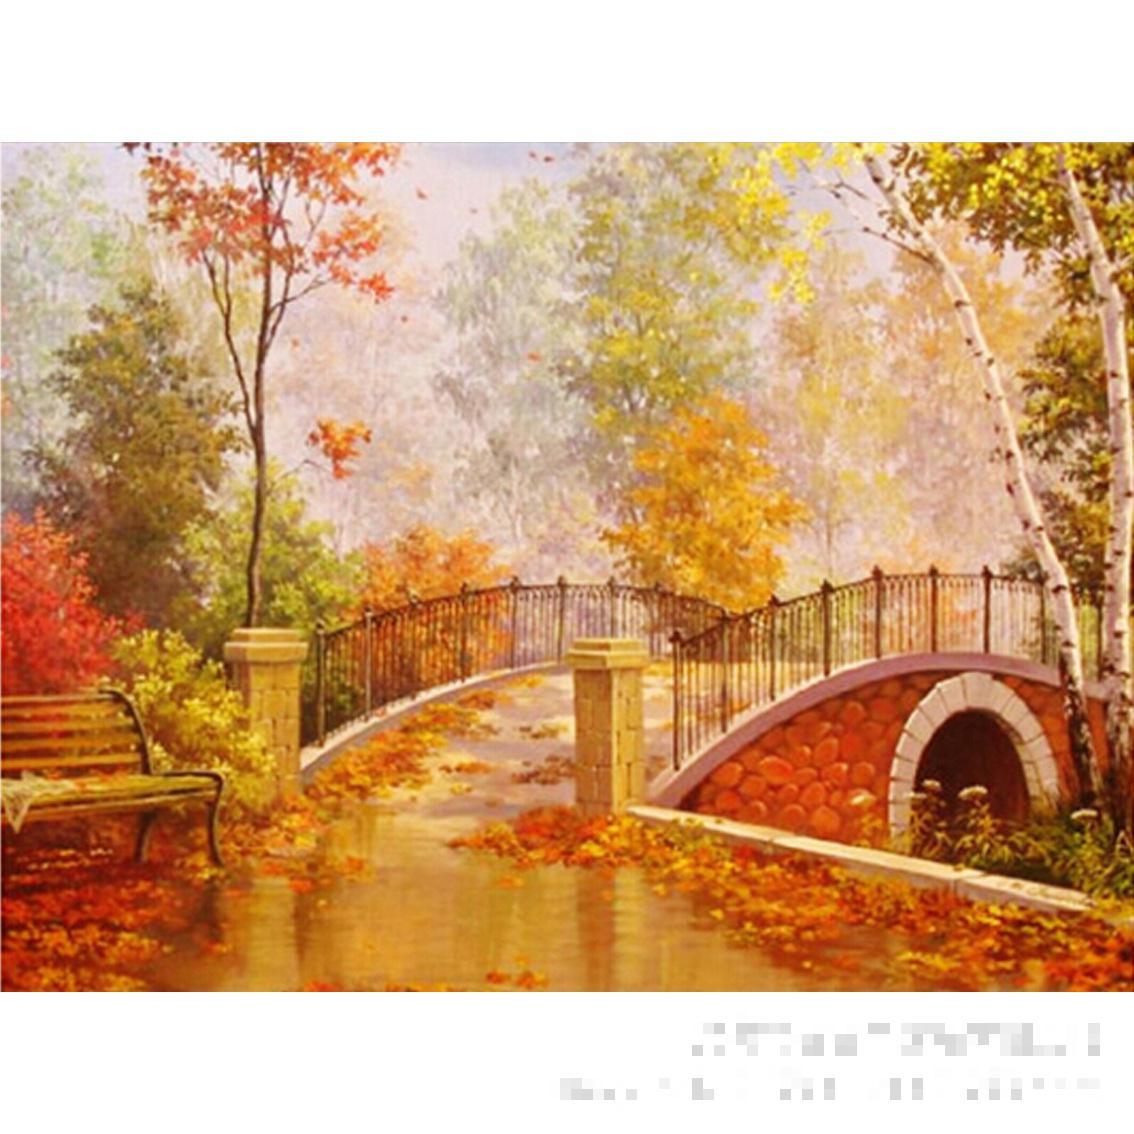 Autumn Bridge Painting Autumn Bridge 5d Diamond